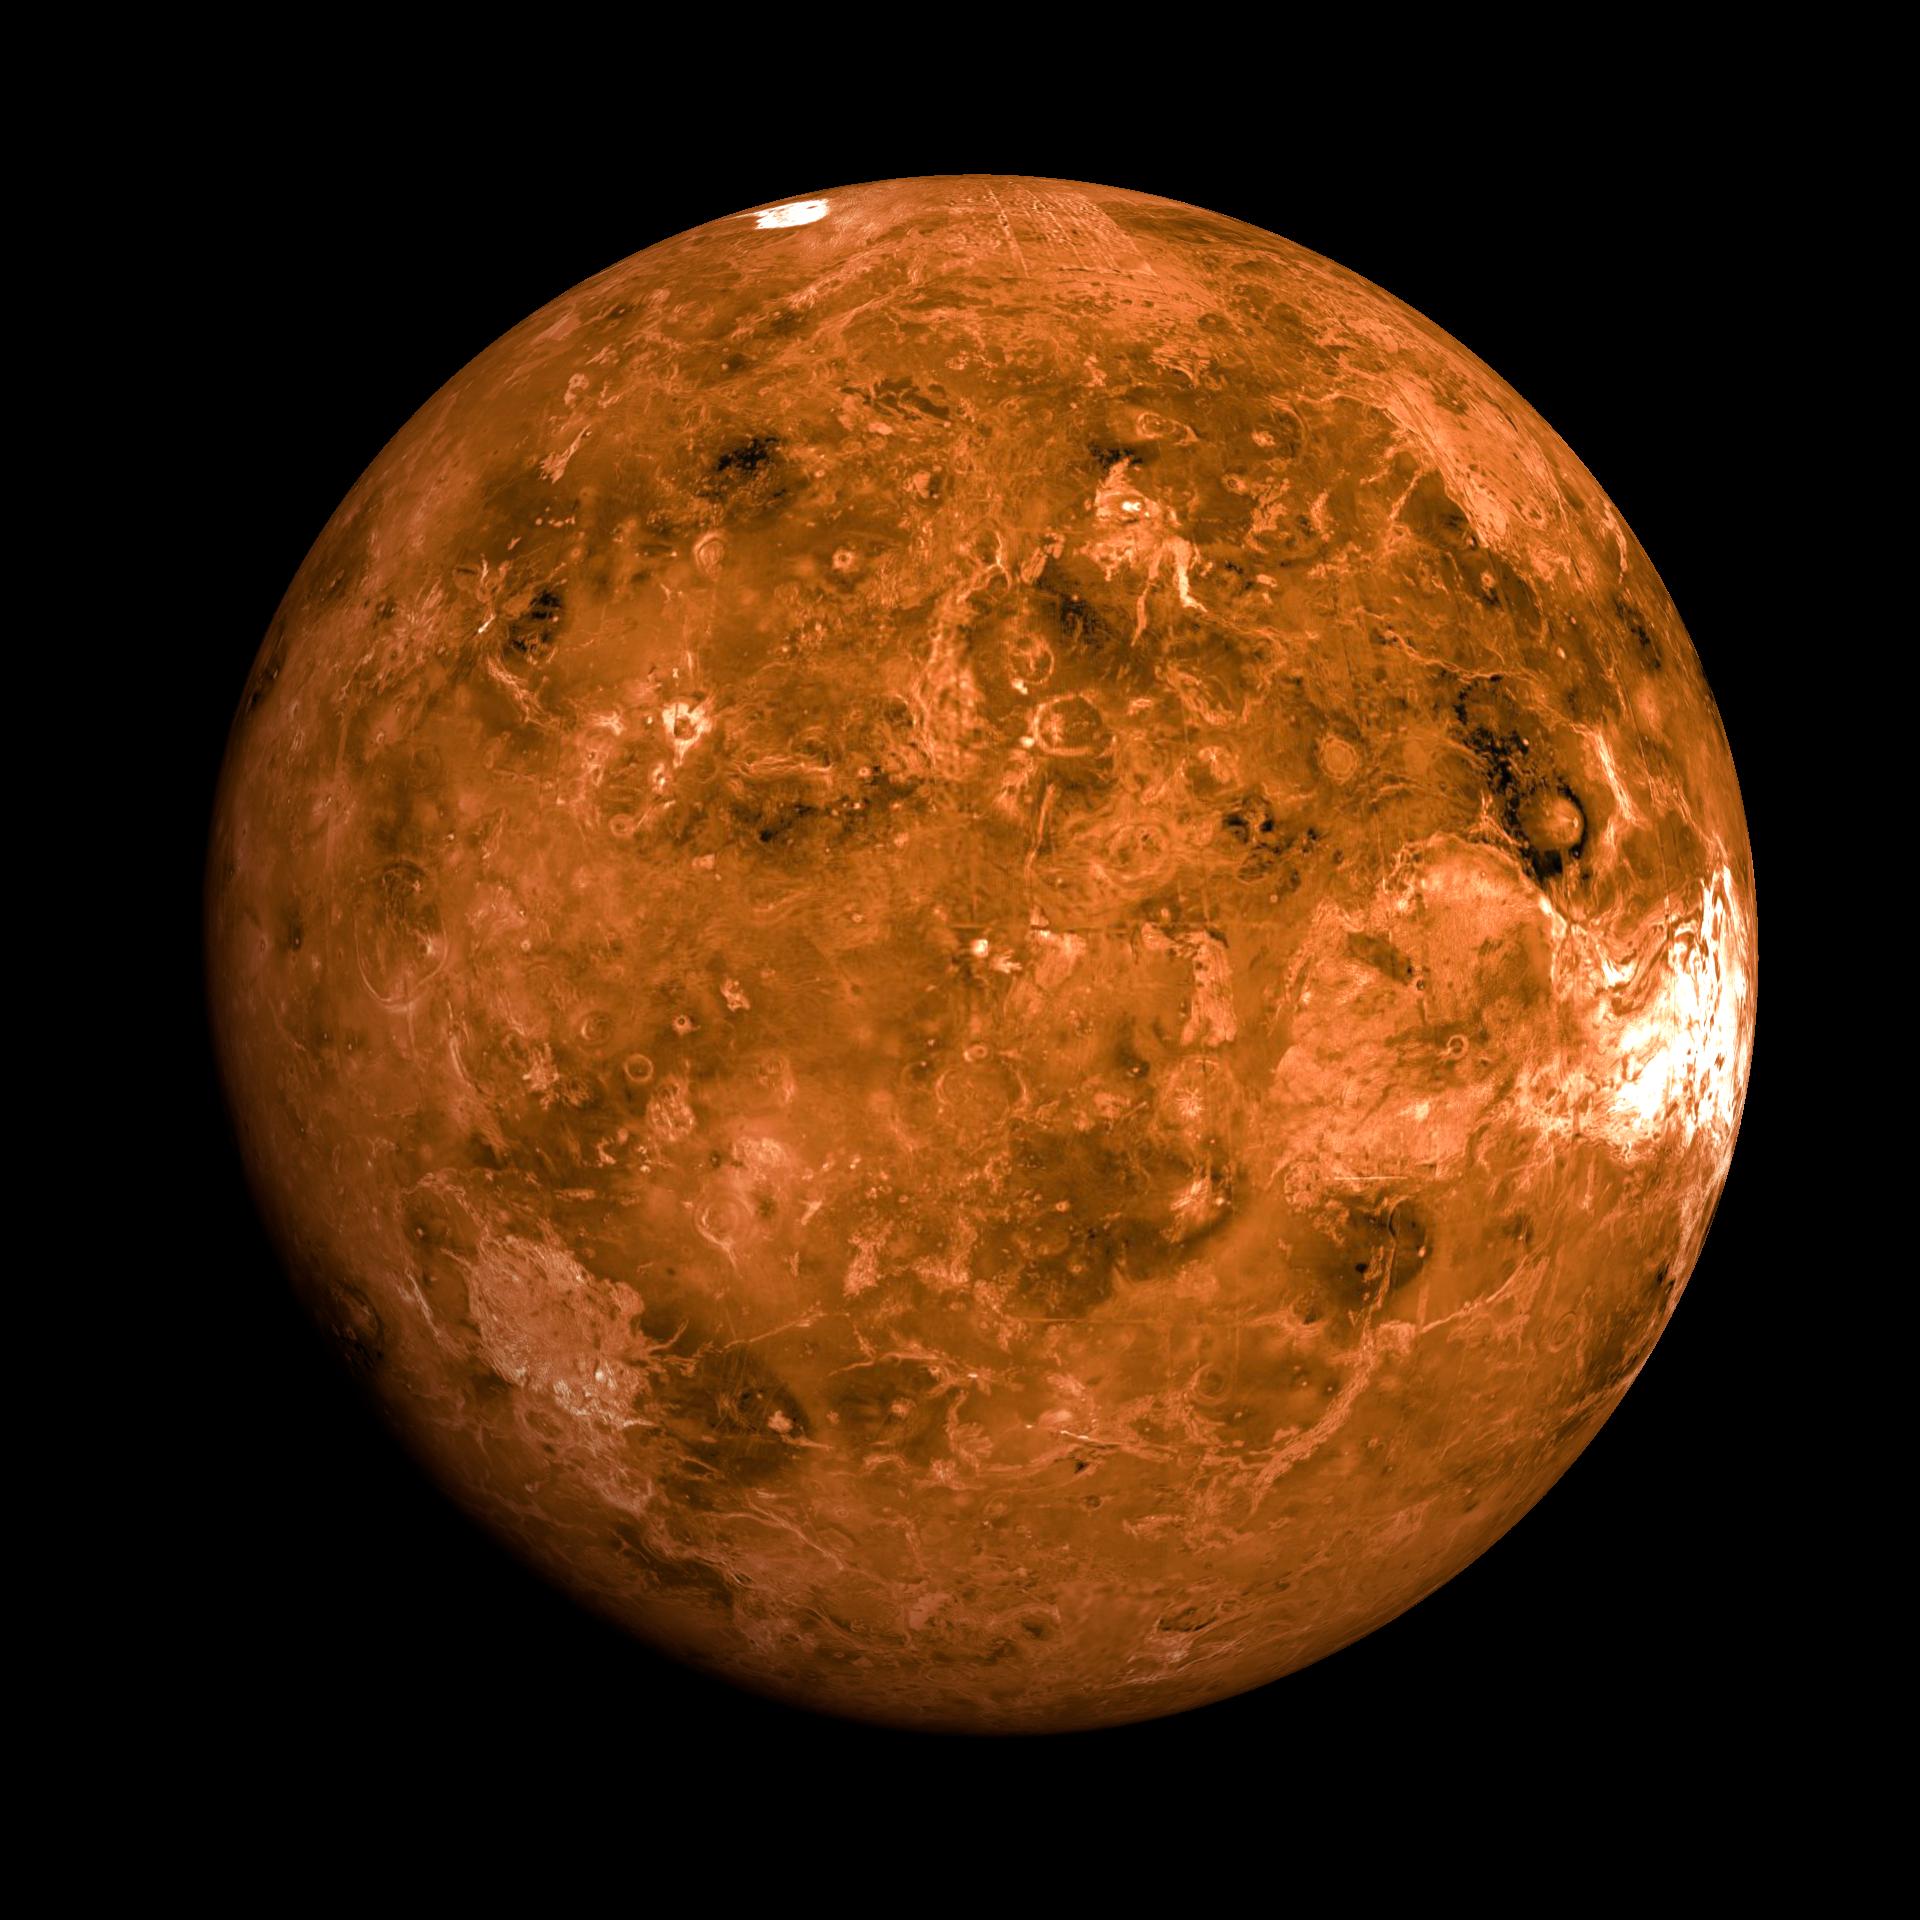 venus planet images - HD1200×1200